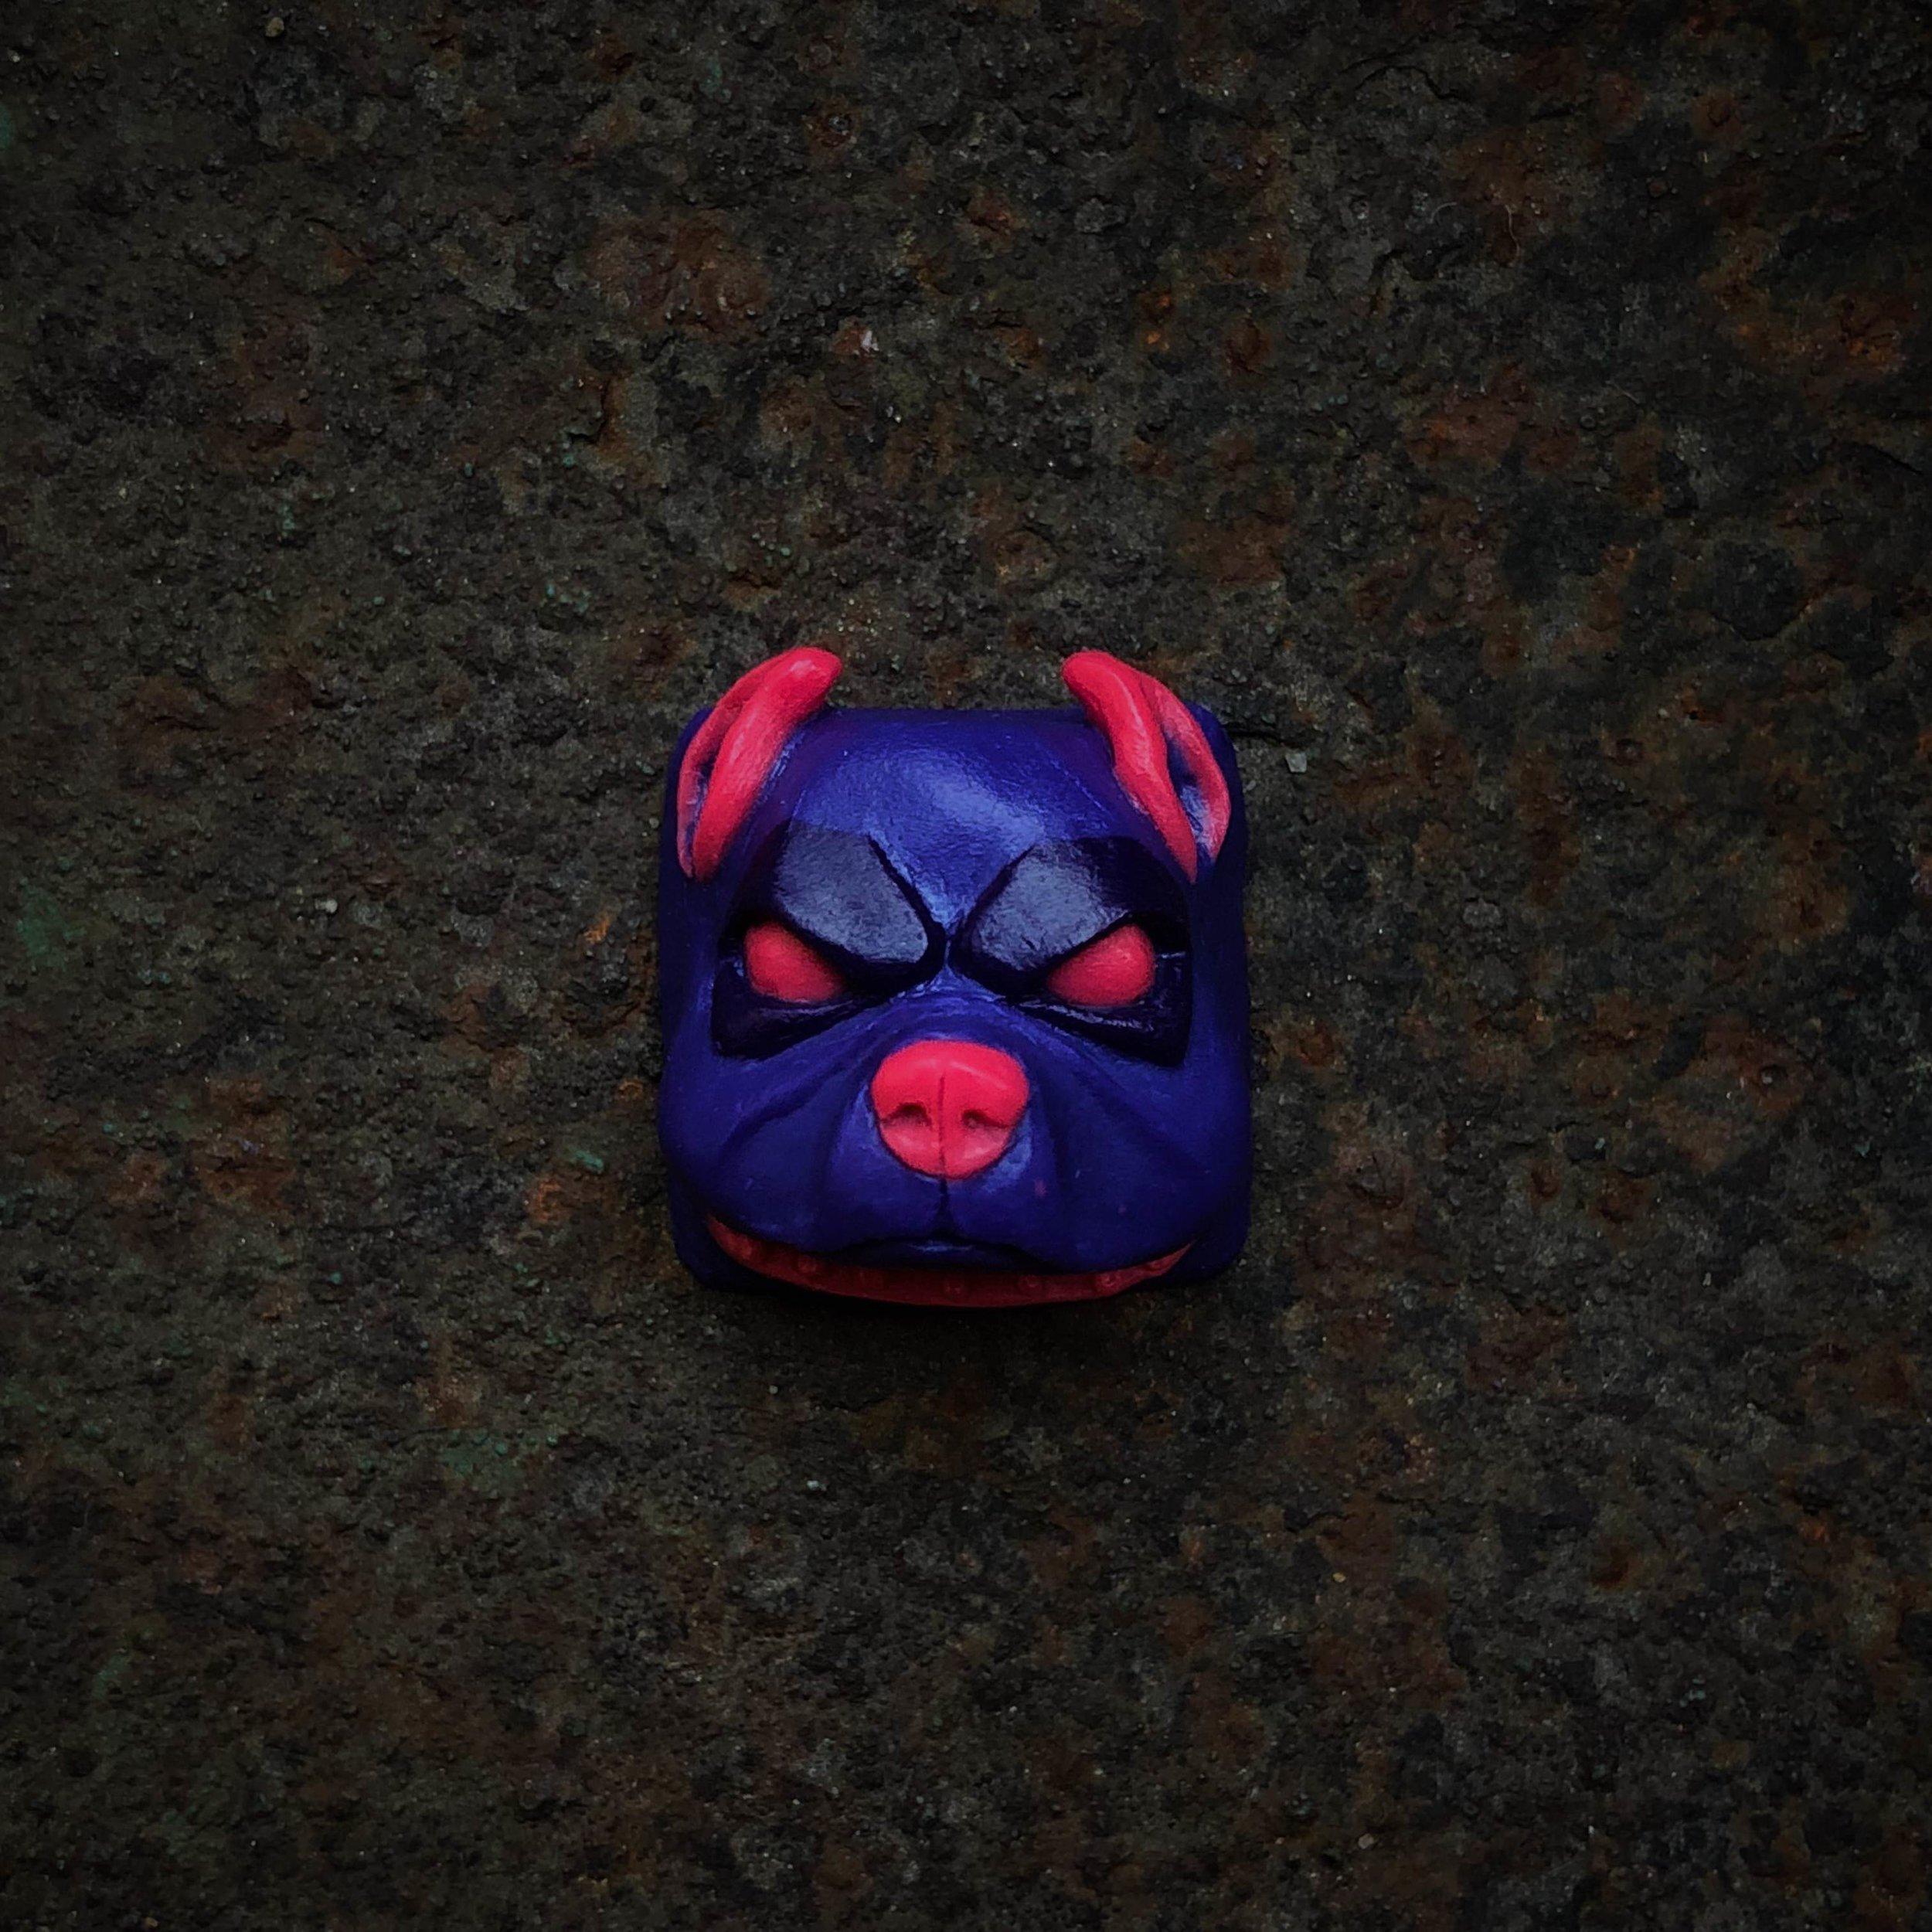 Alpha Keycaps - Major Lazer mr worldwide